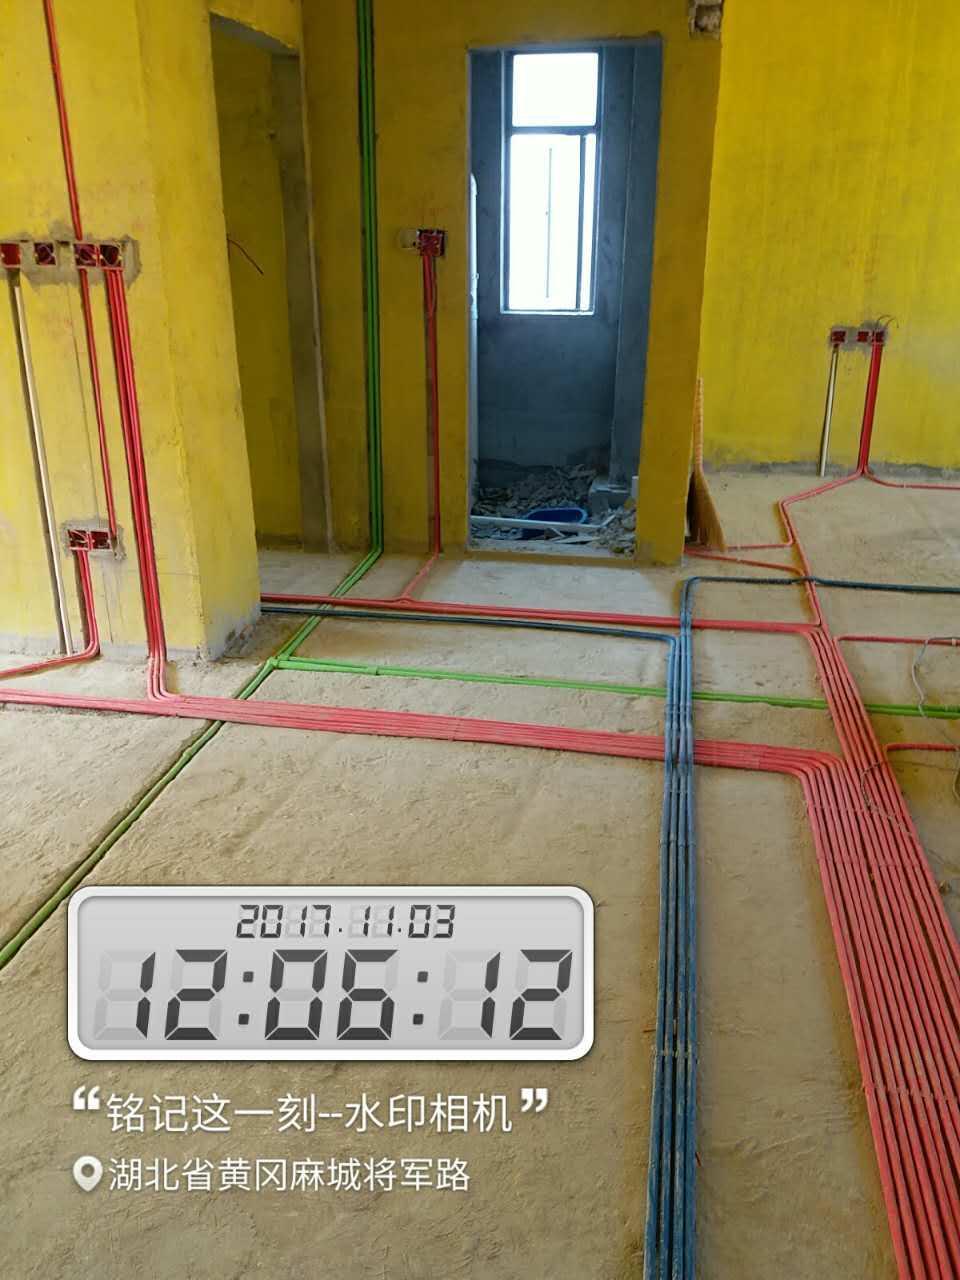 武汉中�鲎笆嗡�电阶段